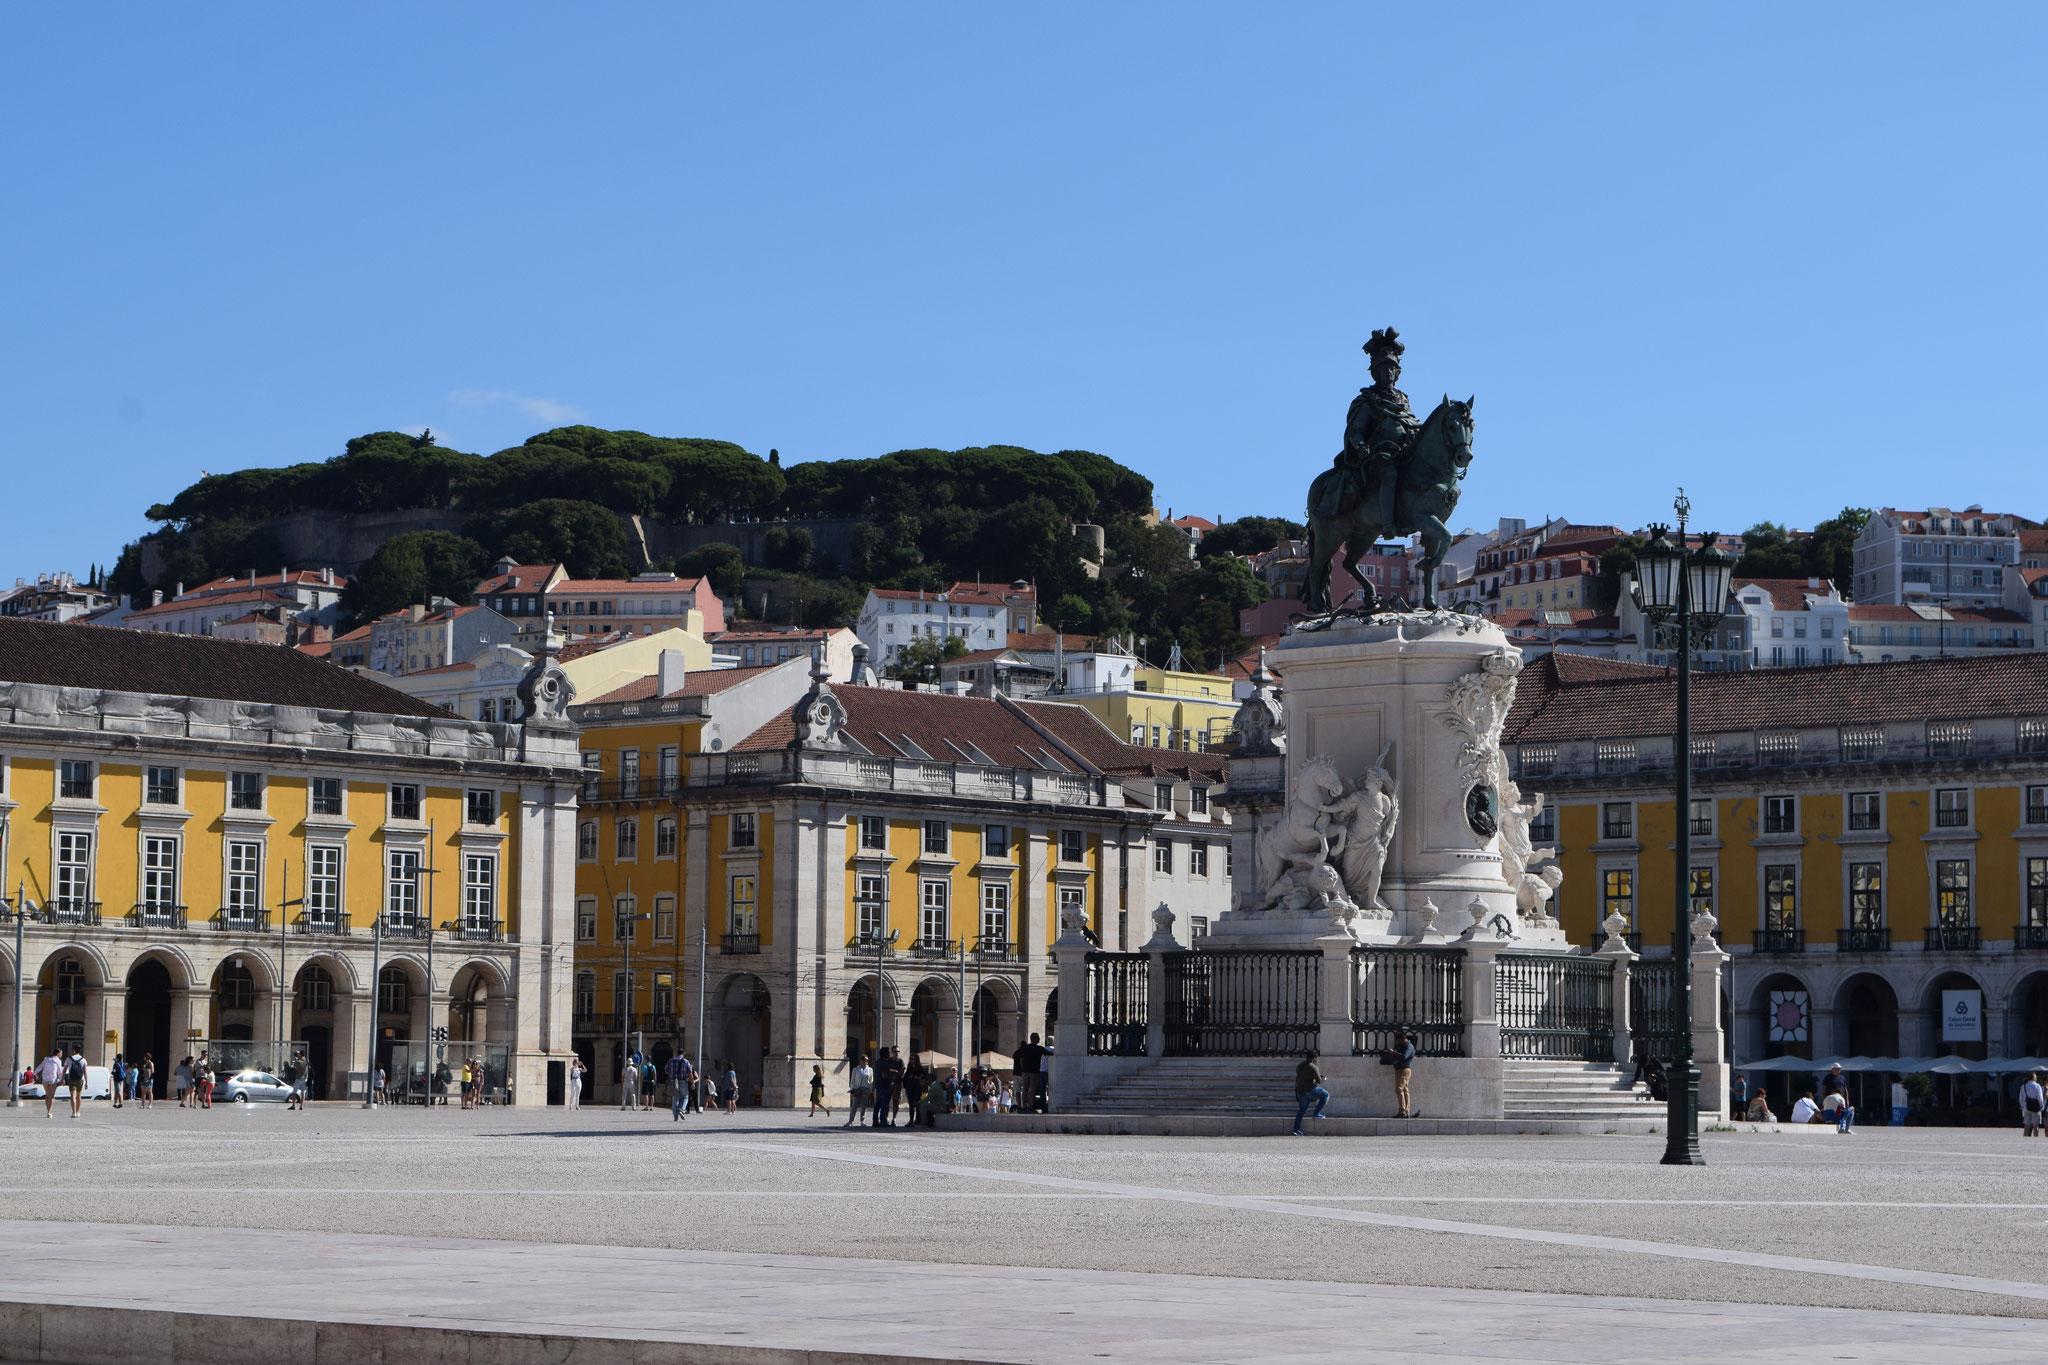 Meine Reiseempfehlungen für Lissabon in Portugal, wie der Arco da rua Augusta.